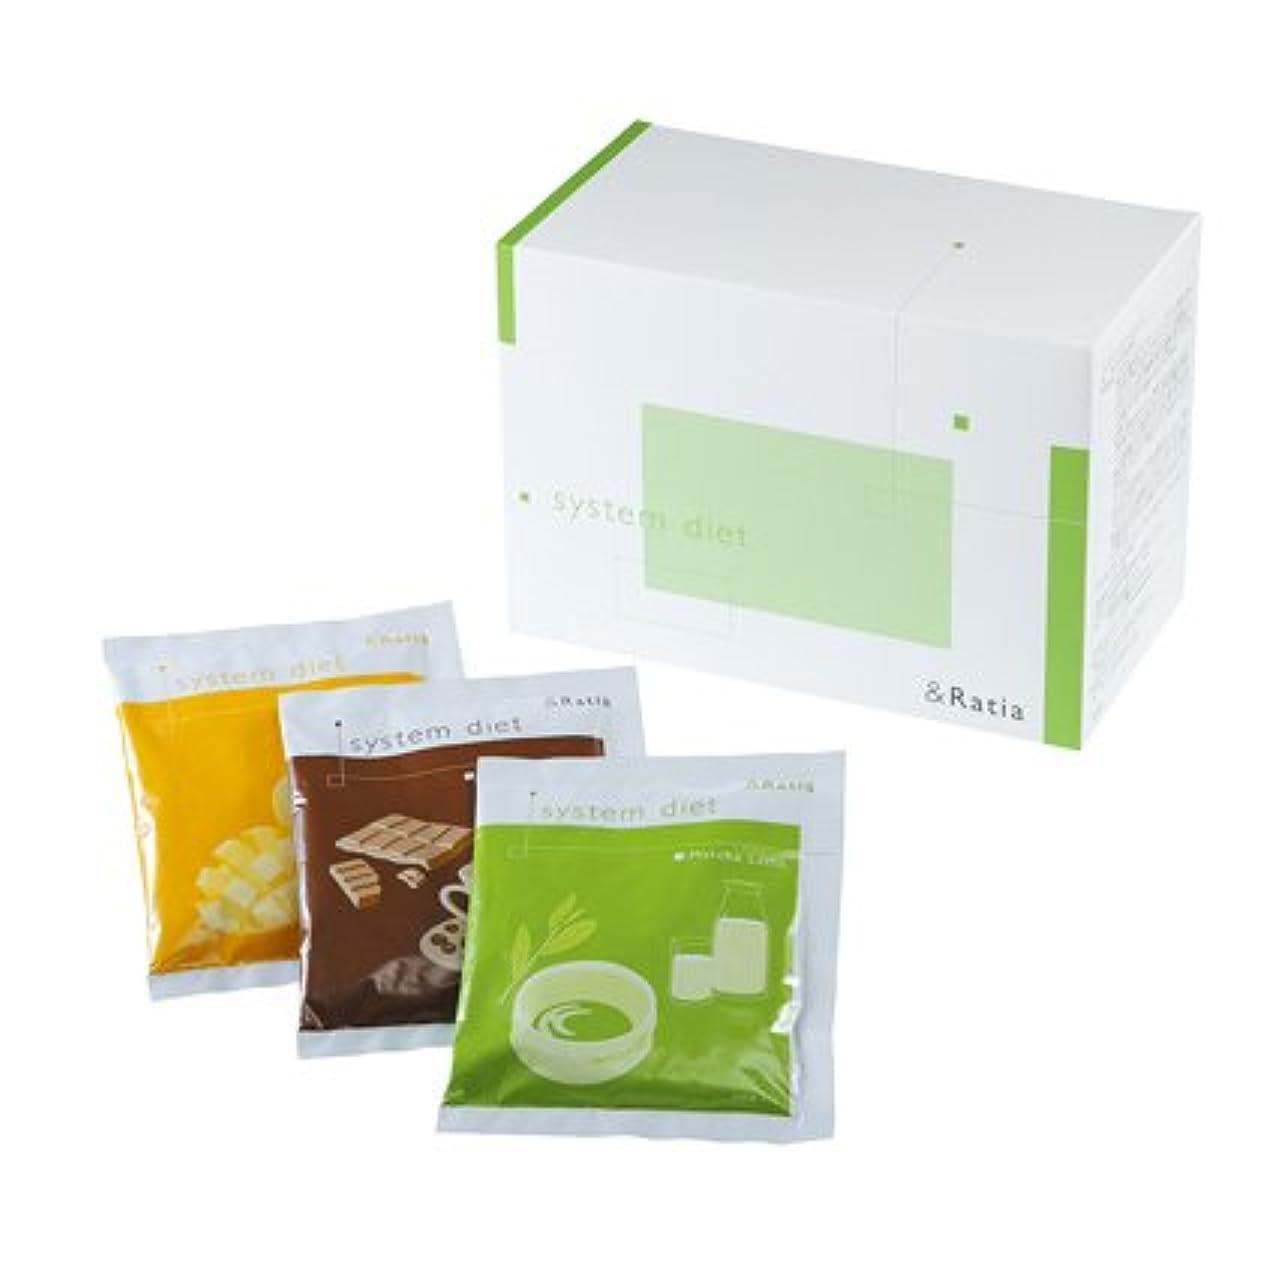 柔らかい足ダイヤルオーク&Ratia システムダイエット 14袋